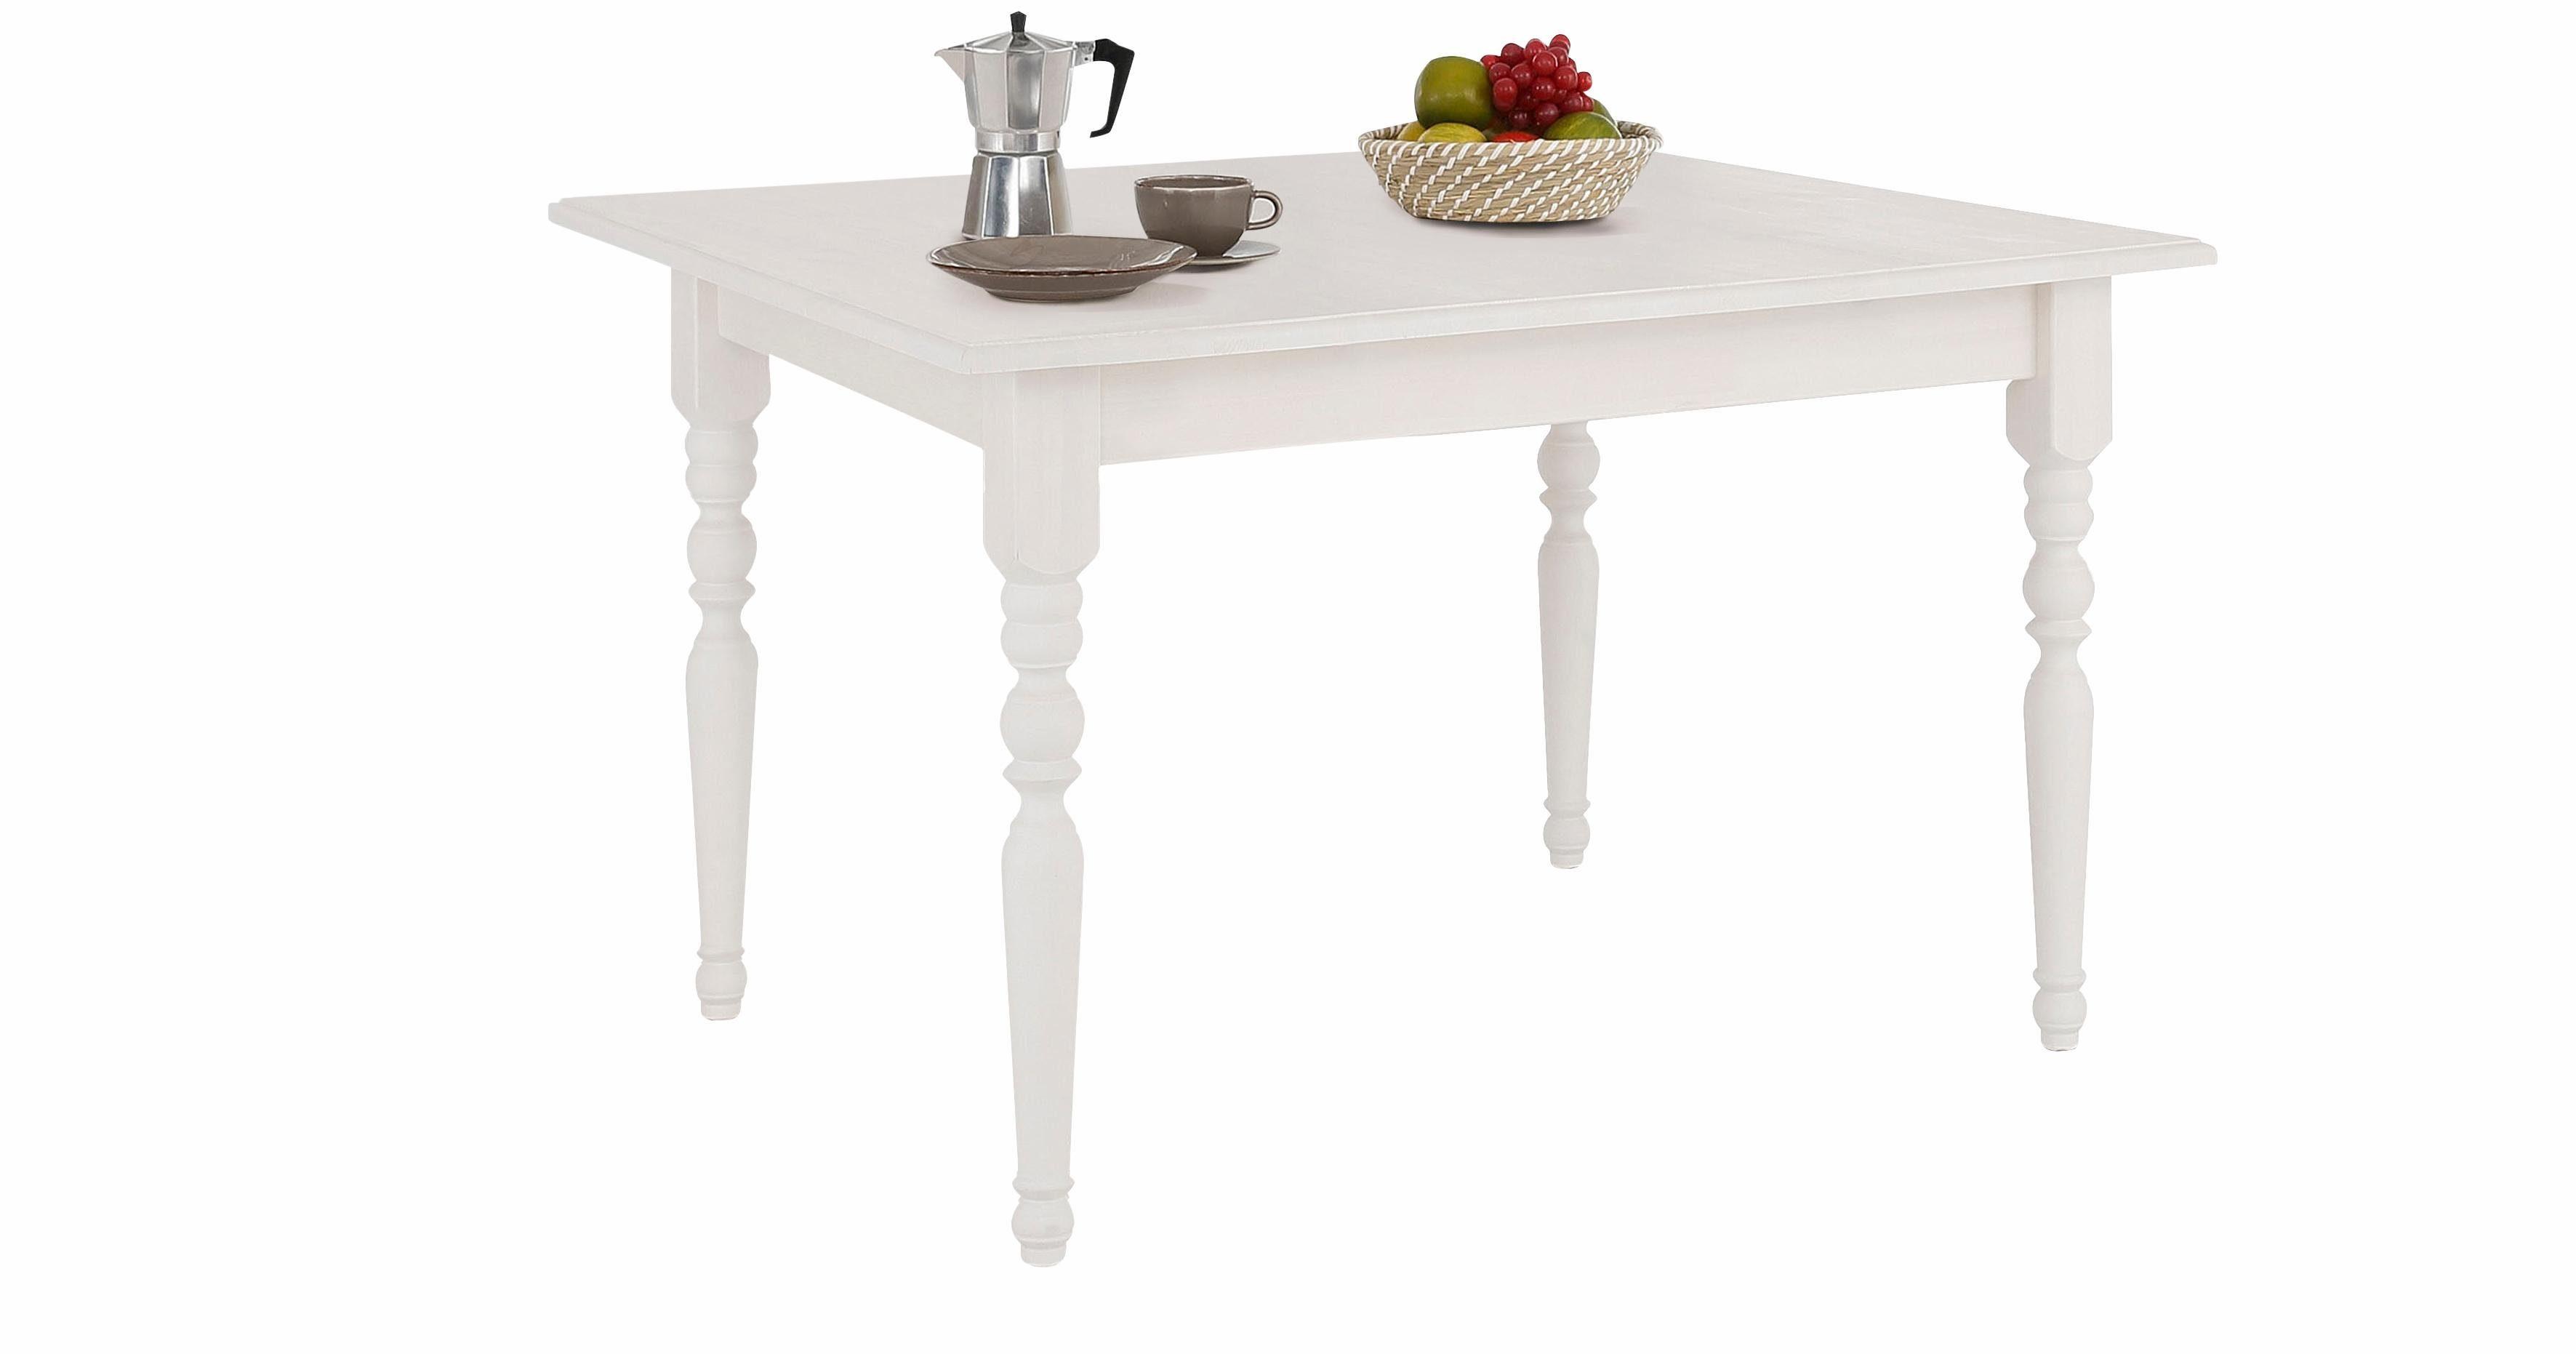 Home affaire Esstisch »Merida«, aus schönem massivem Kiefernholz, in unterschiedlichen Tischbreiten erhältlich, mit und ohne Auszug auswählbar online